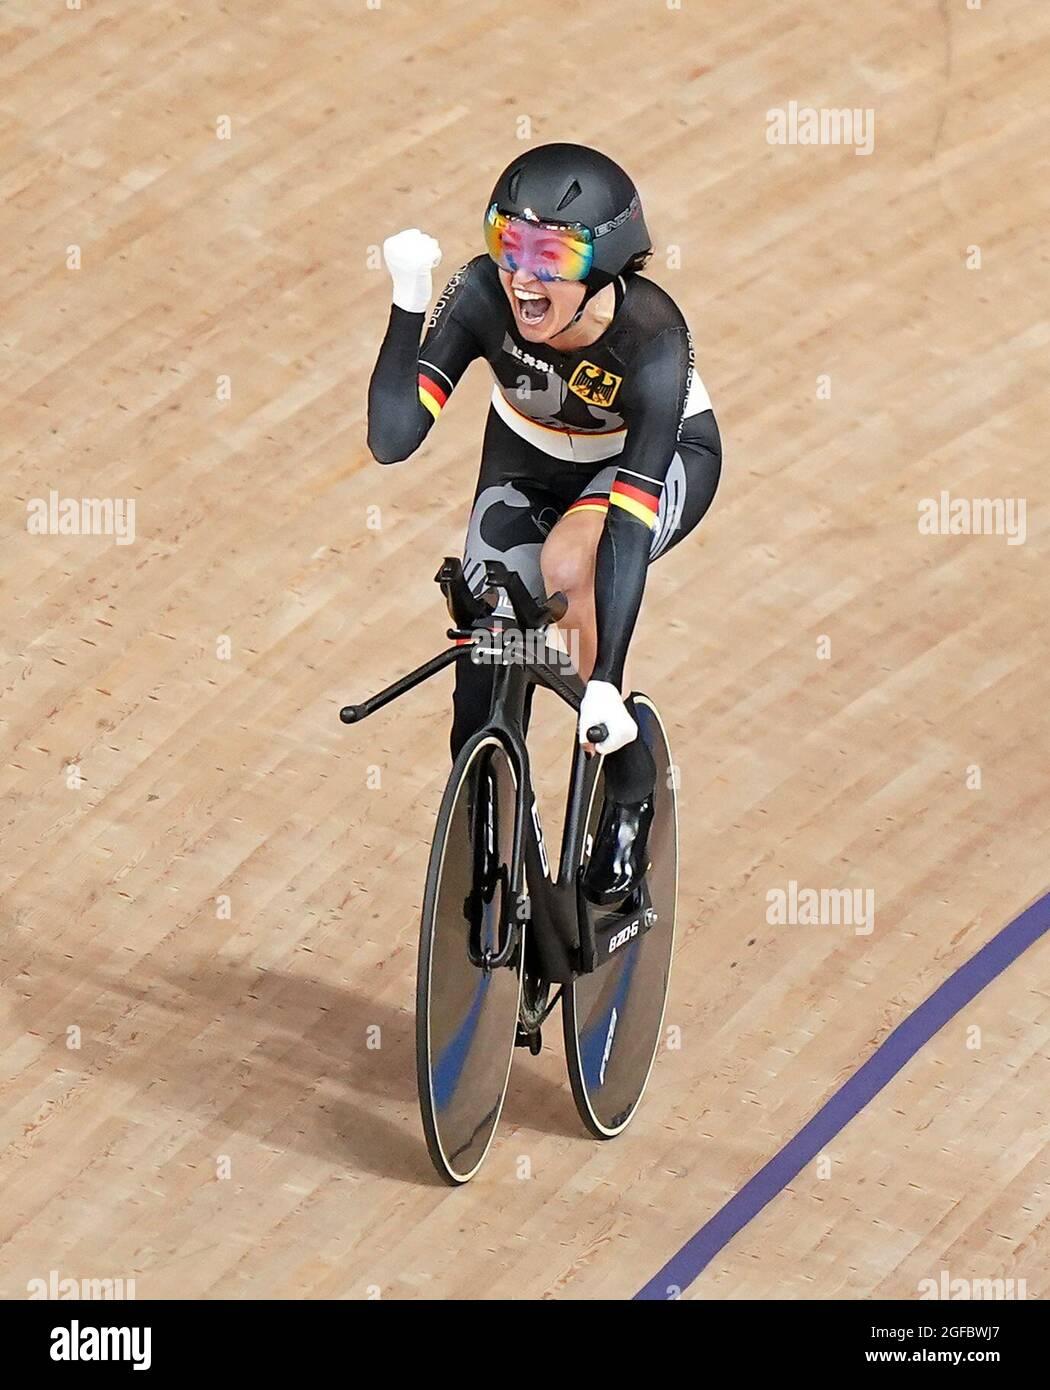 Die deutsche Denise Schindler feiert beim Track Cycling auf dem Izu Velodrome am ersten Tag der Paralympischen Spiele in Tokio 2020 in Japan den Bronzemieg in der Einzeljagd der Frauen C1-3 über 3000 m. Bilddatum: Mittwoch, 25. August 2021. Stockfoto